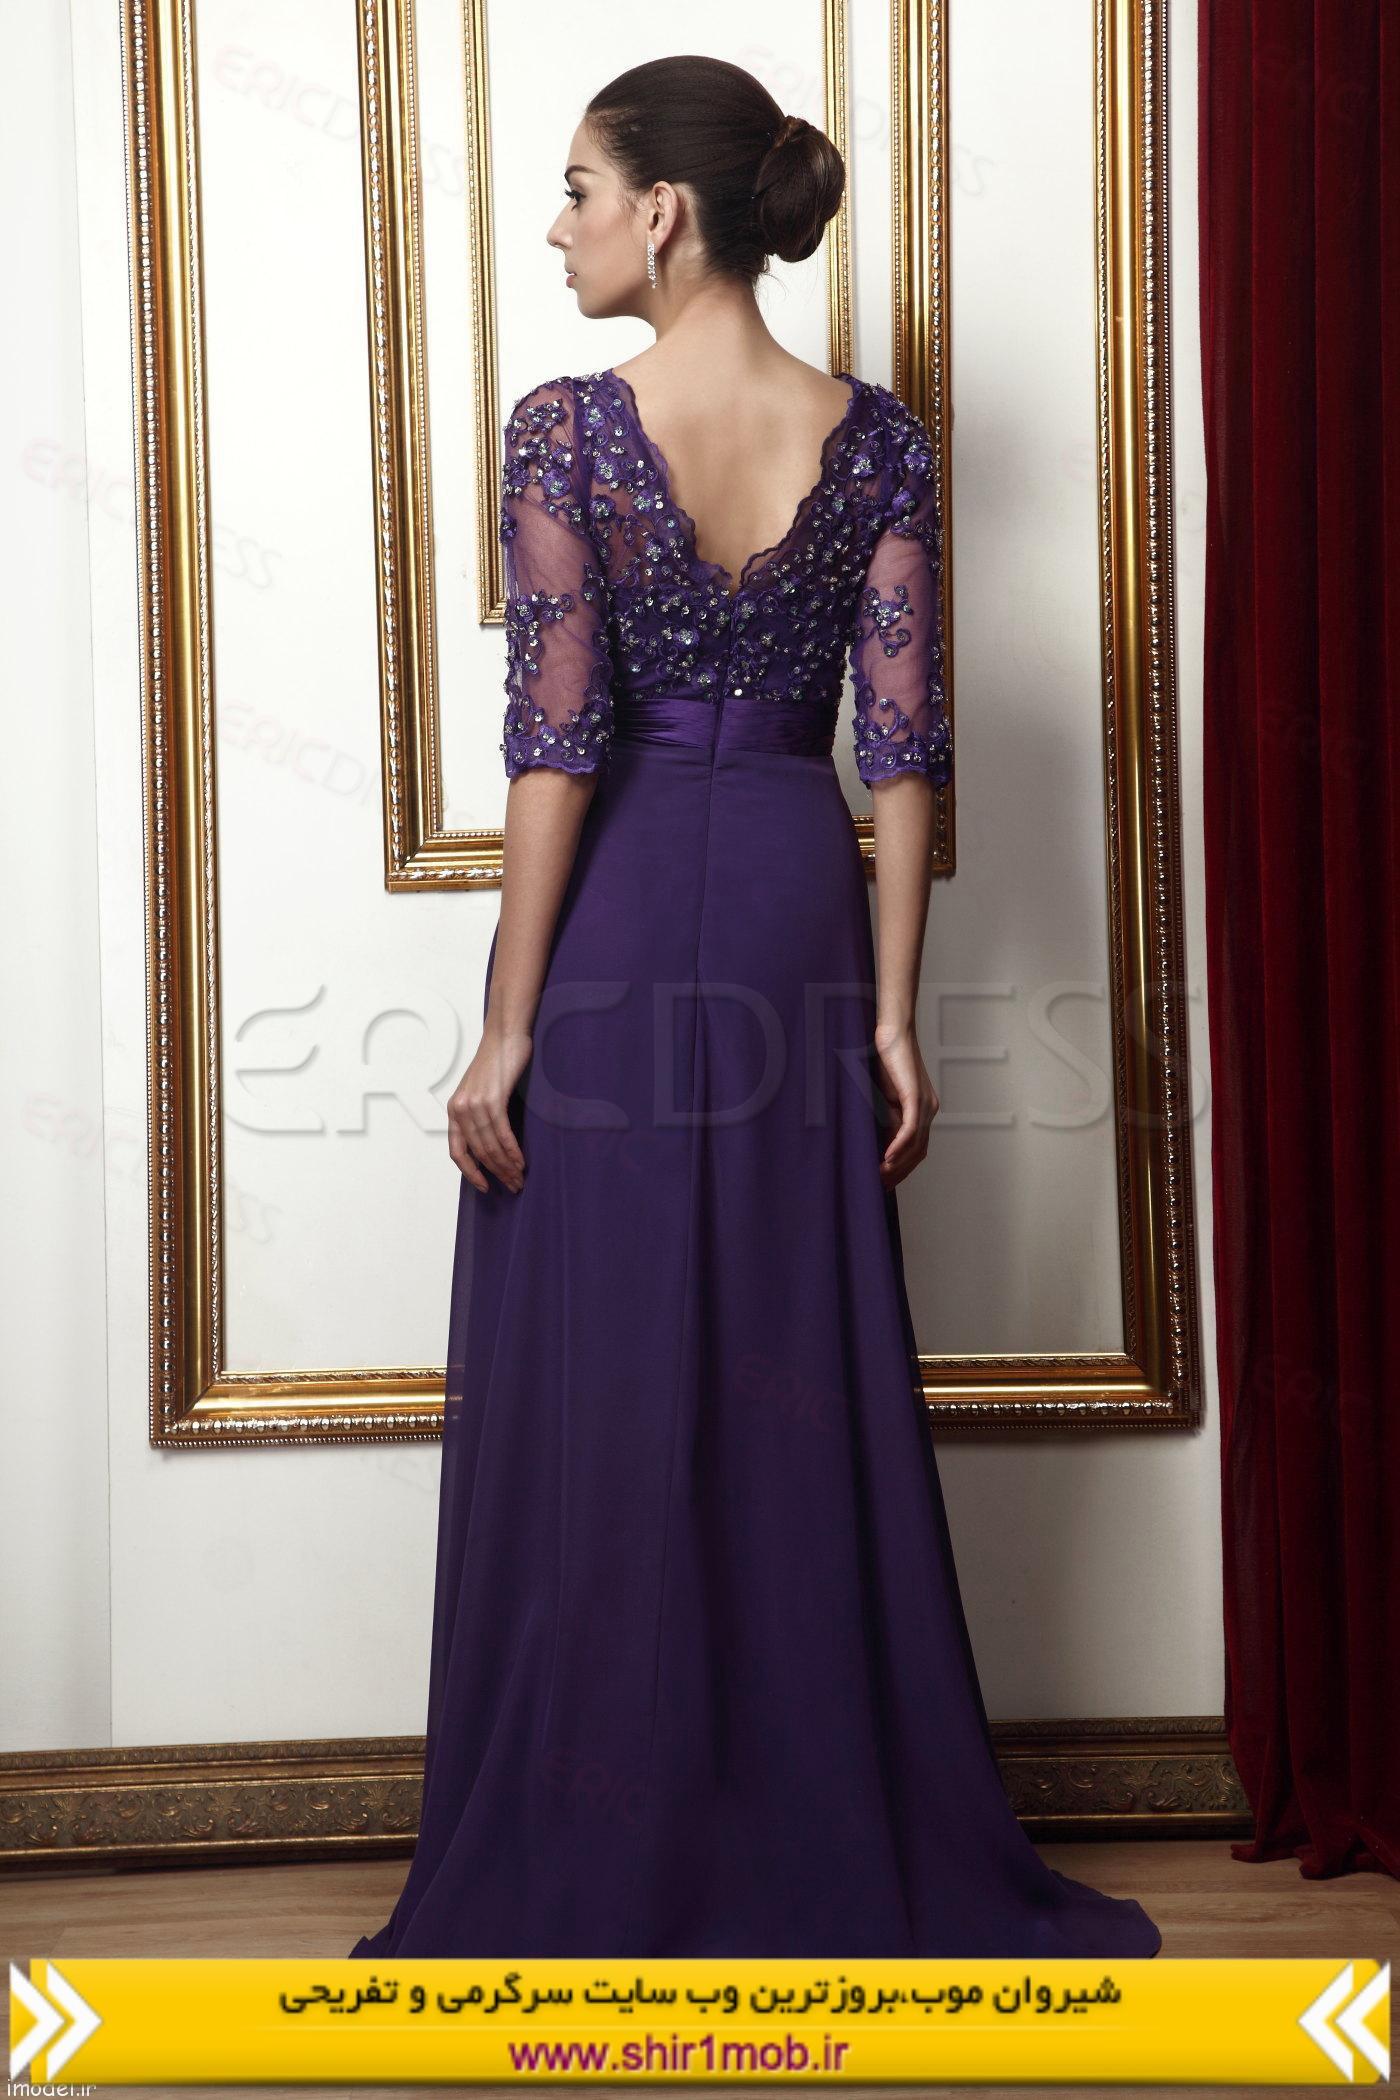 مدل لباس توری شکل طرح امپراتوری سال ۲۰۱۴